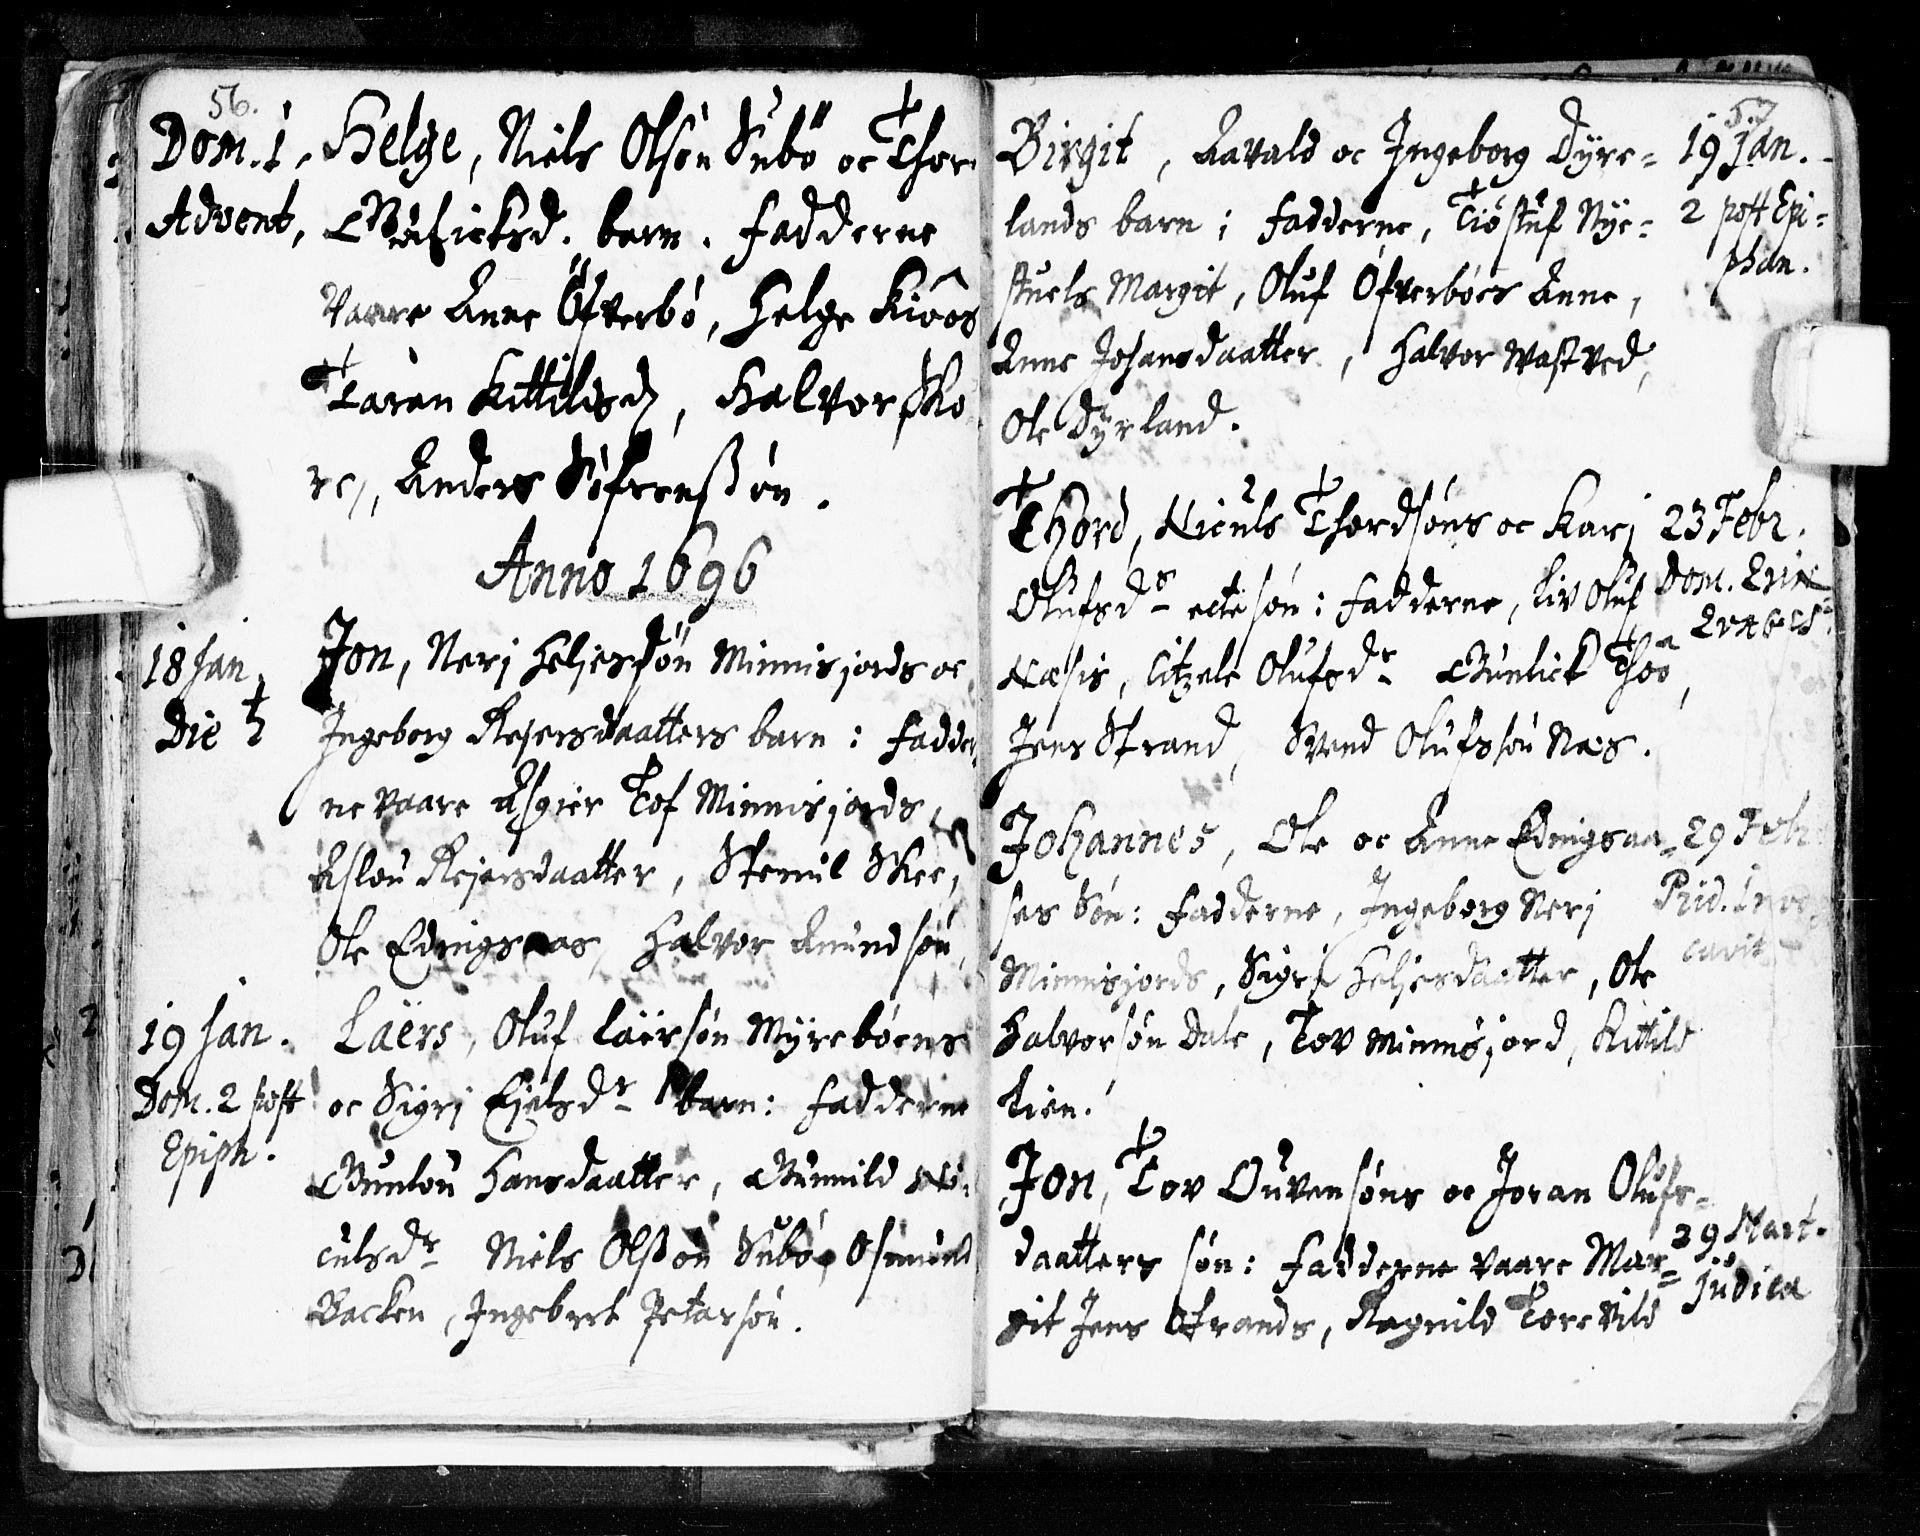 SAKO, Seljord kirkebøker, F/Fa/L0002: Ministerialbok nr. I 2, 1689-1713, s. 56-57